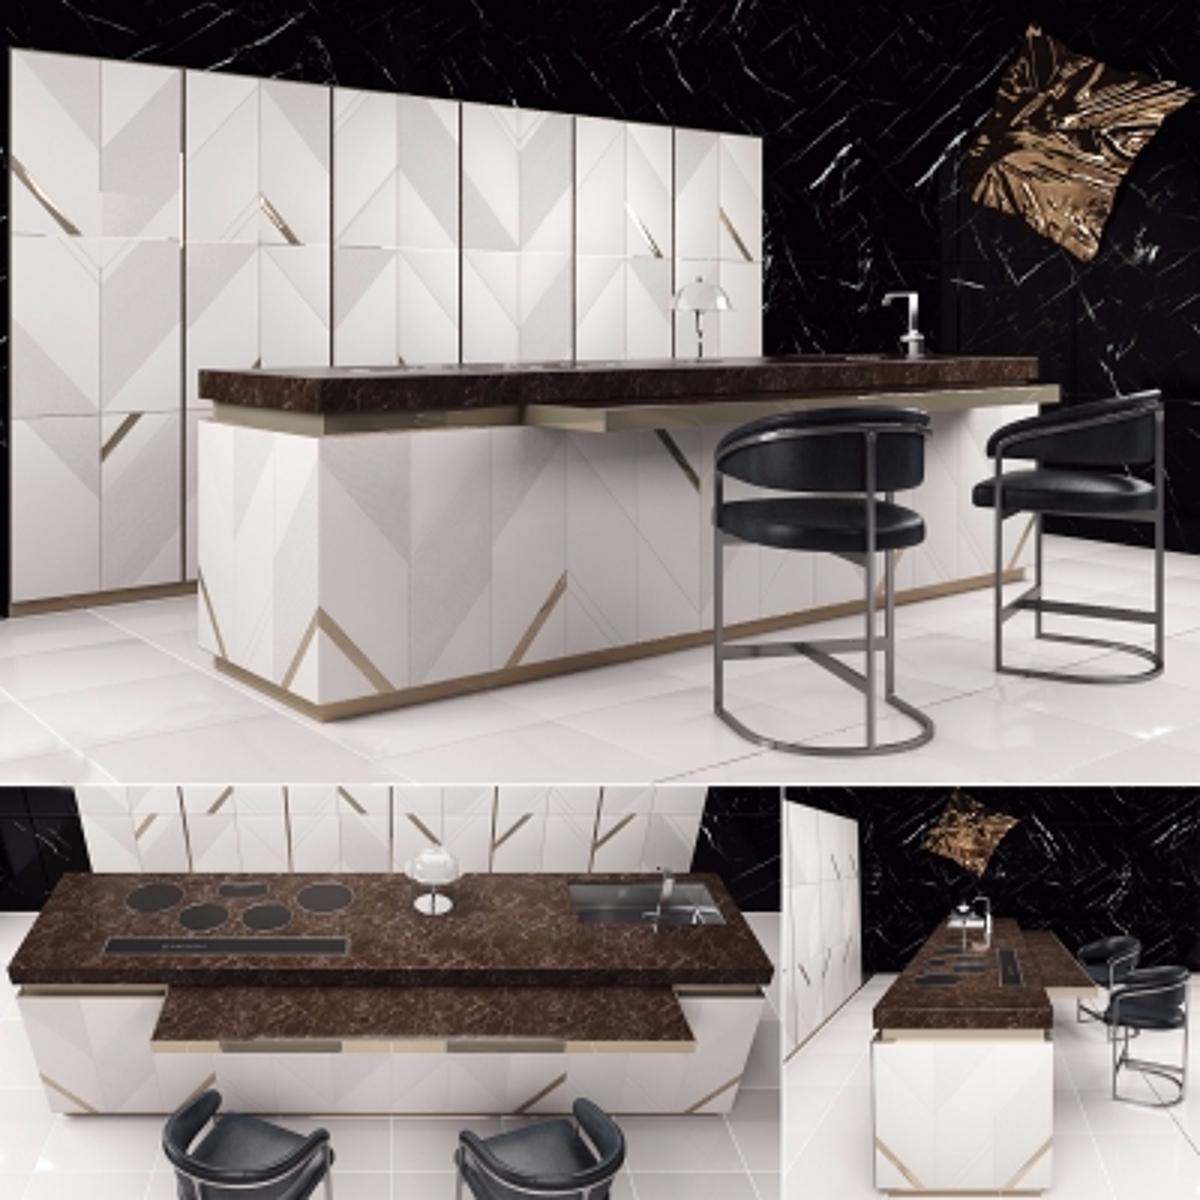 cg231现代橱柜吧椅组合模型